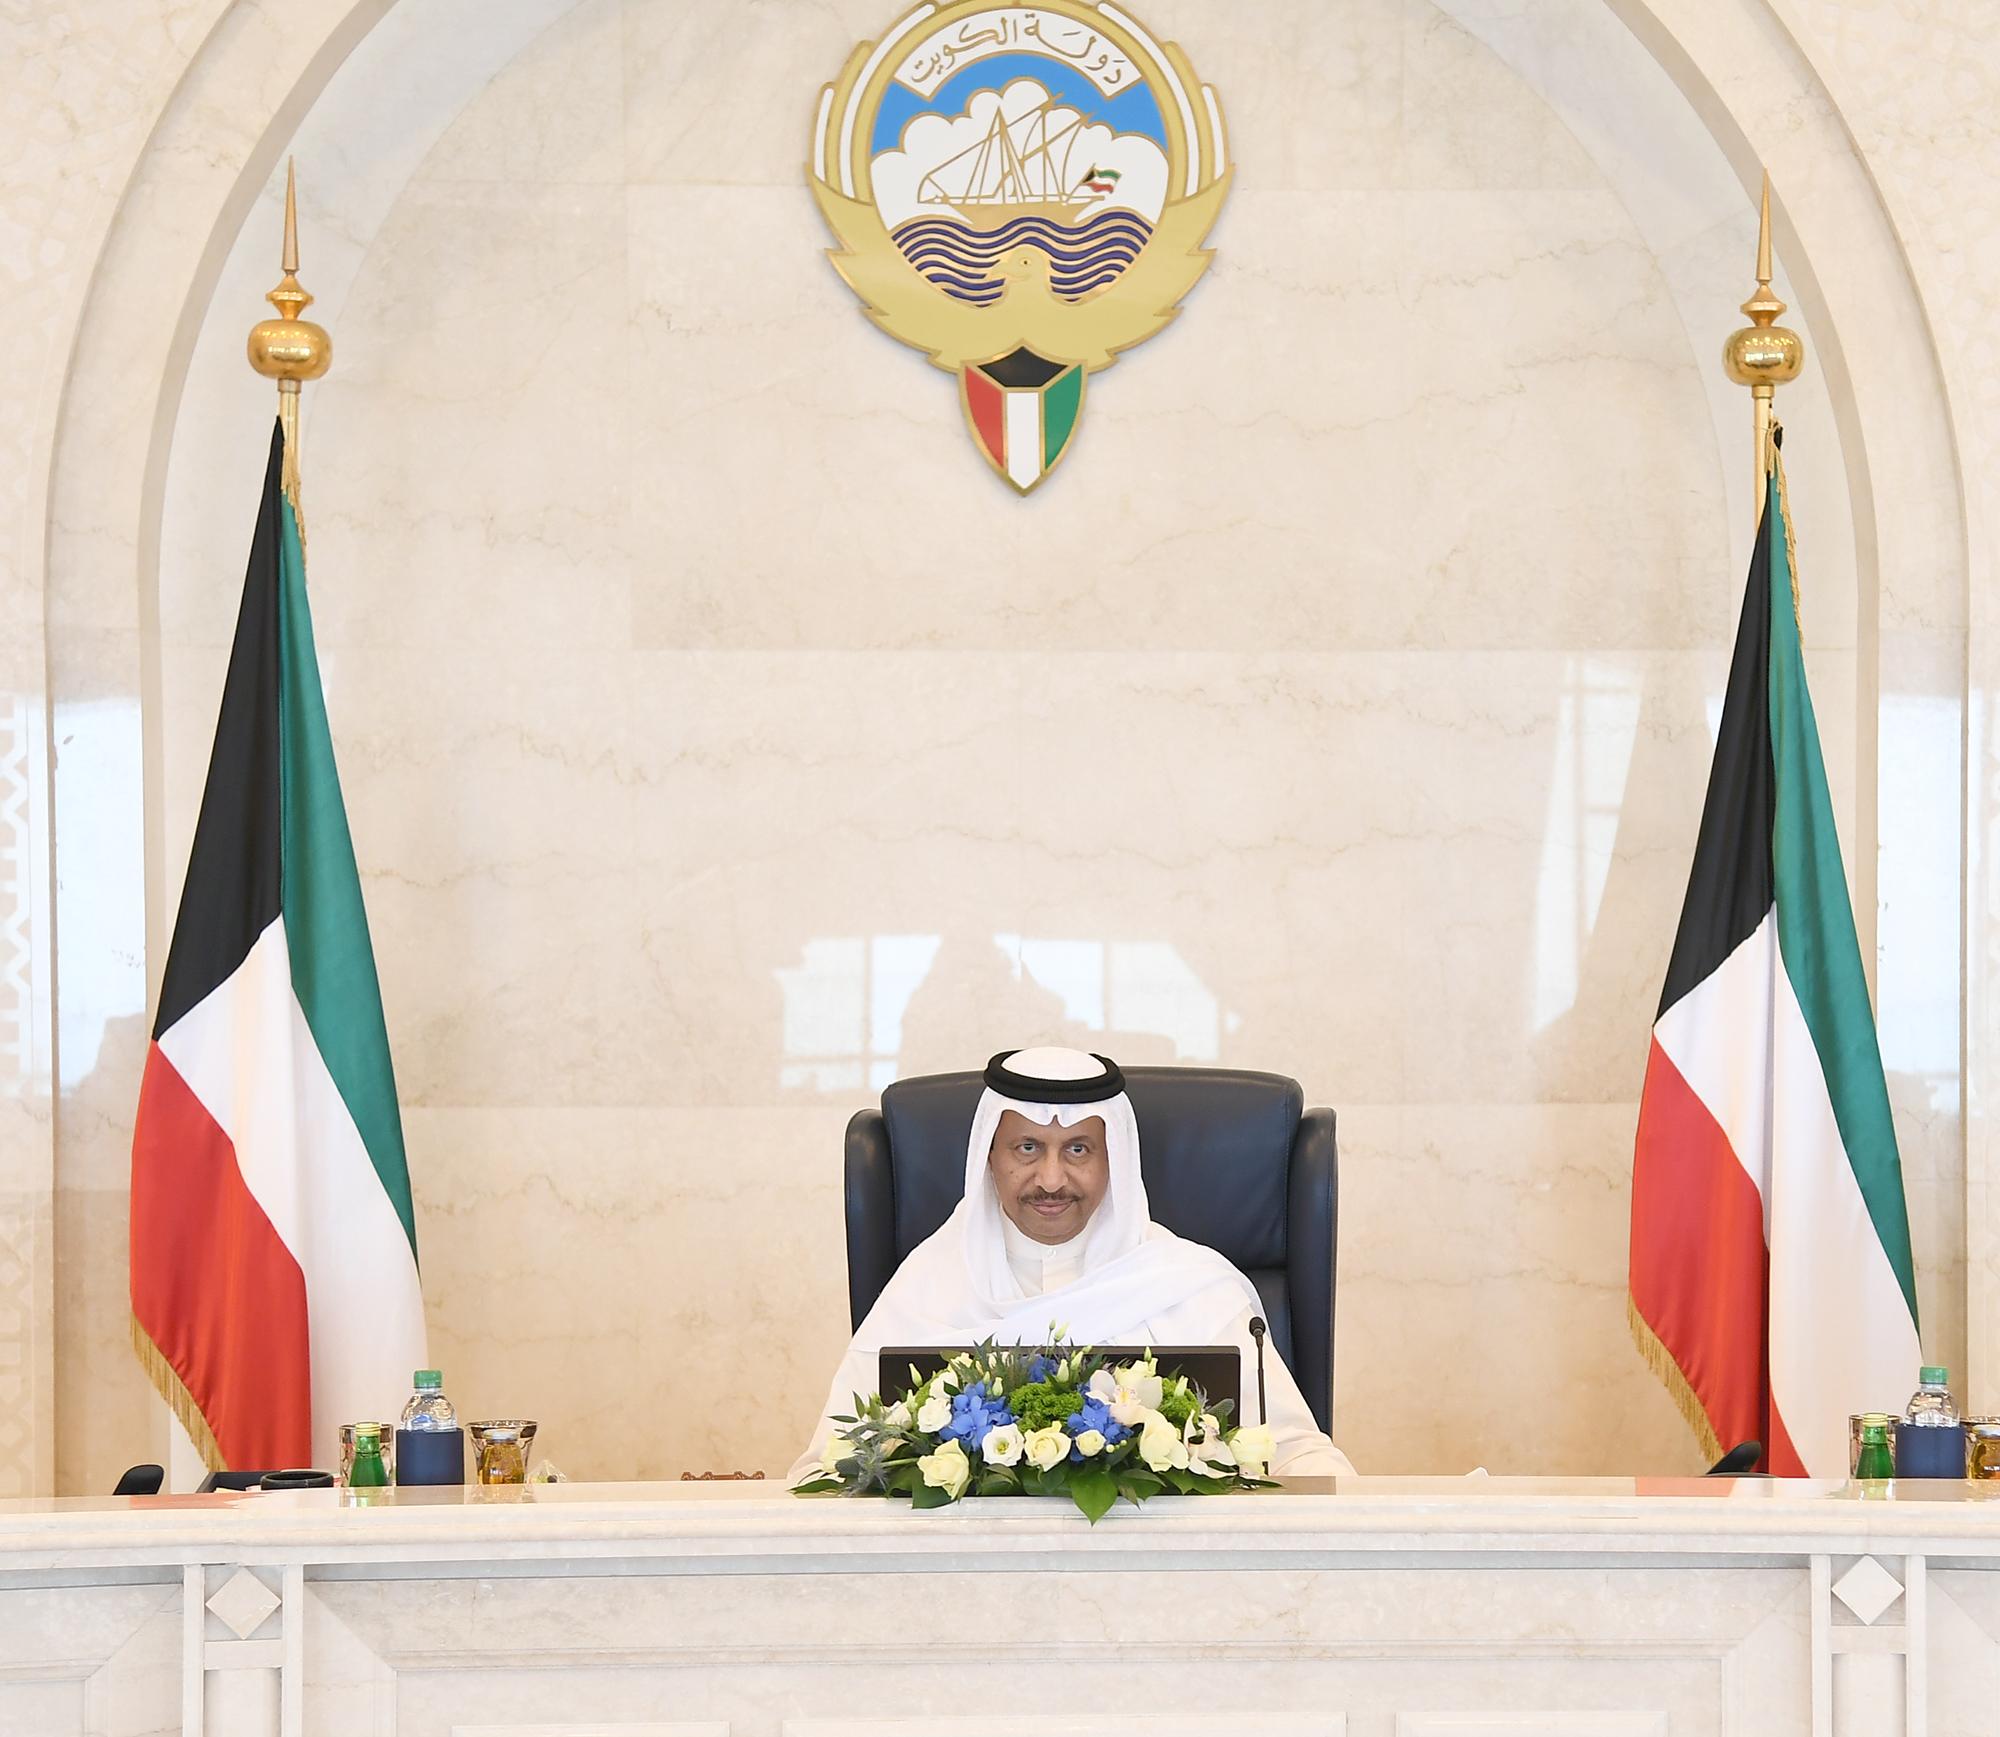 مجلس الوزراء الكويتي يدعو المجتمع الدولي إلى توفير الحماية للشعب الفلسطيني